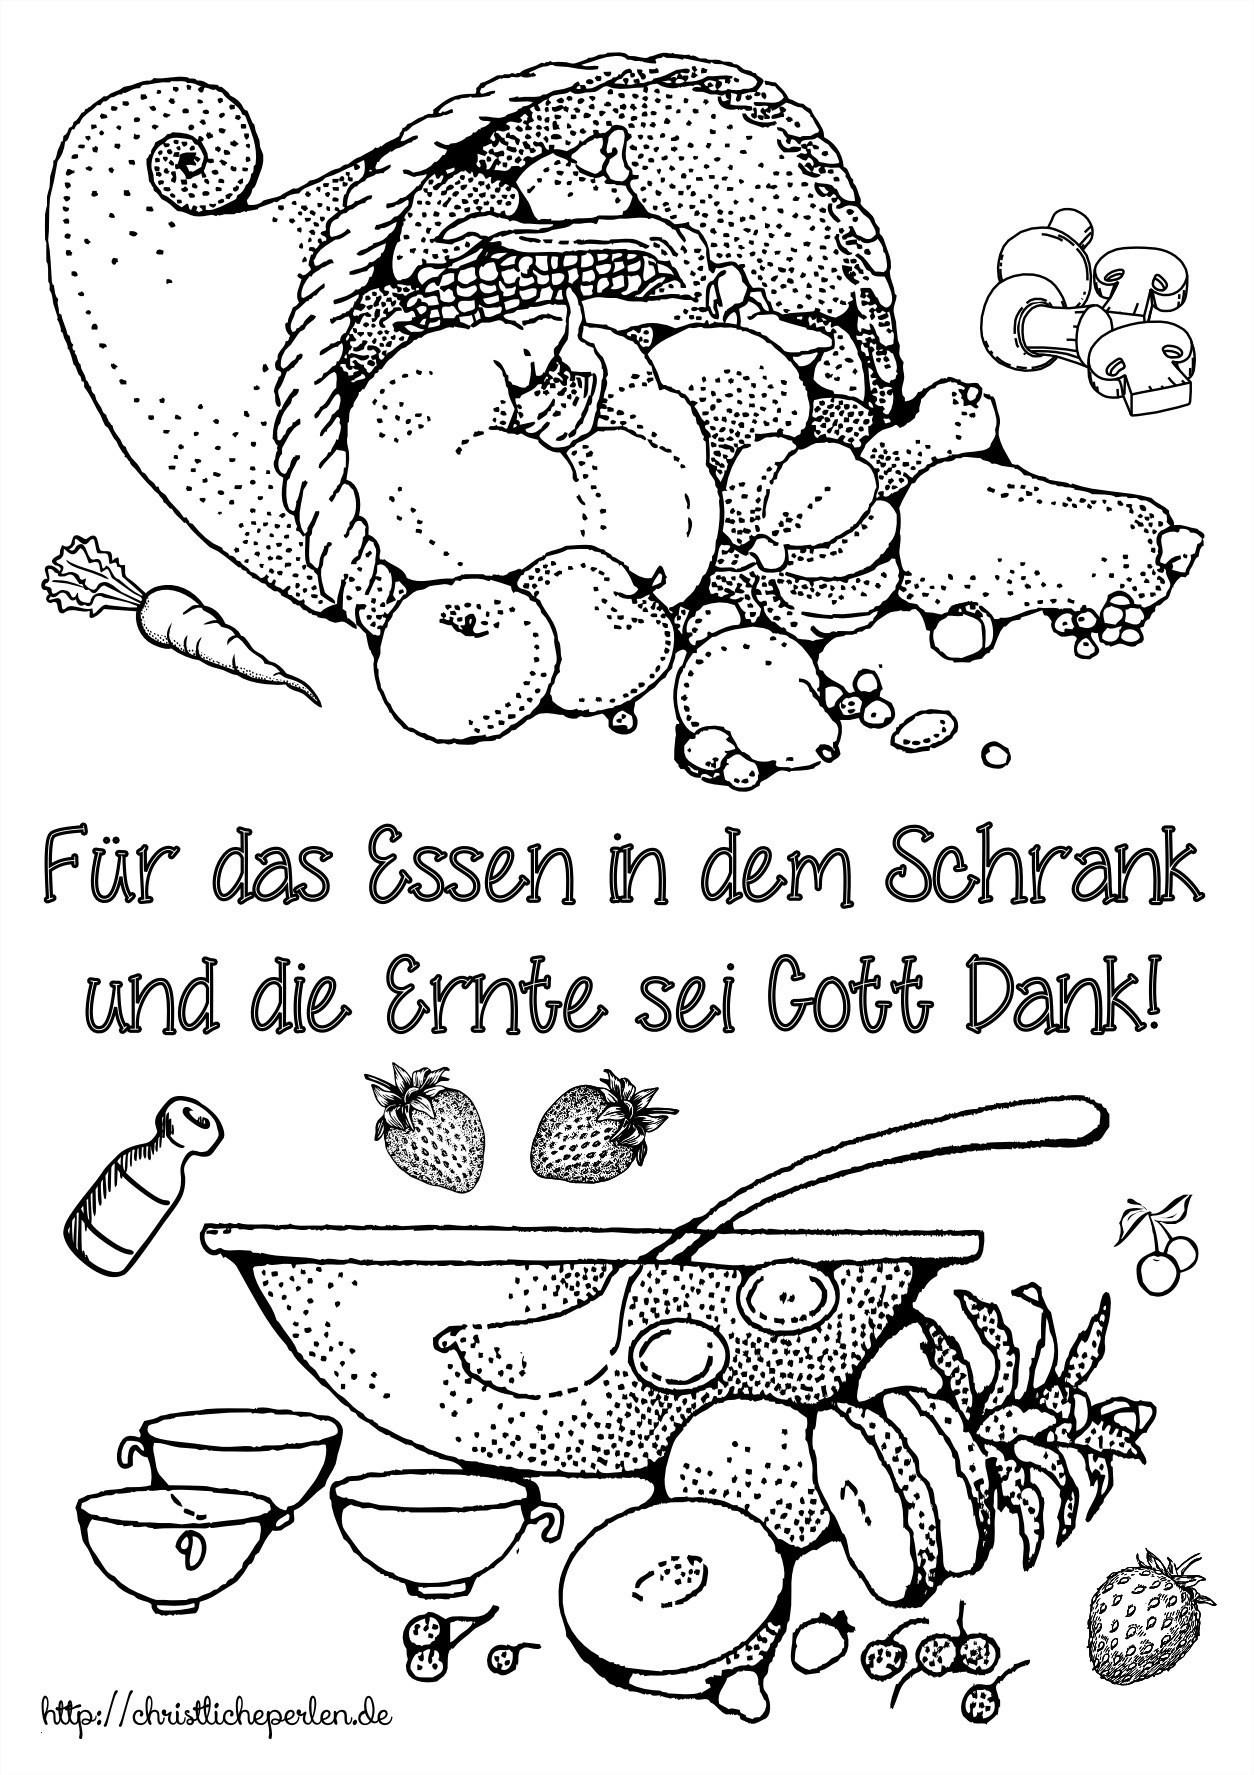 Anna Elsa Ausmalbilder Frisch Malvorlagen Anna Und Elsa Zum Ausdrucken Neu Malvorlagen Igel Best Fotos